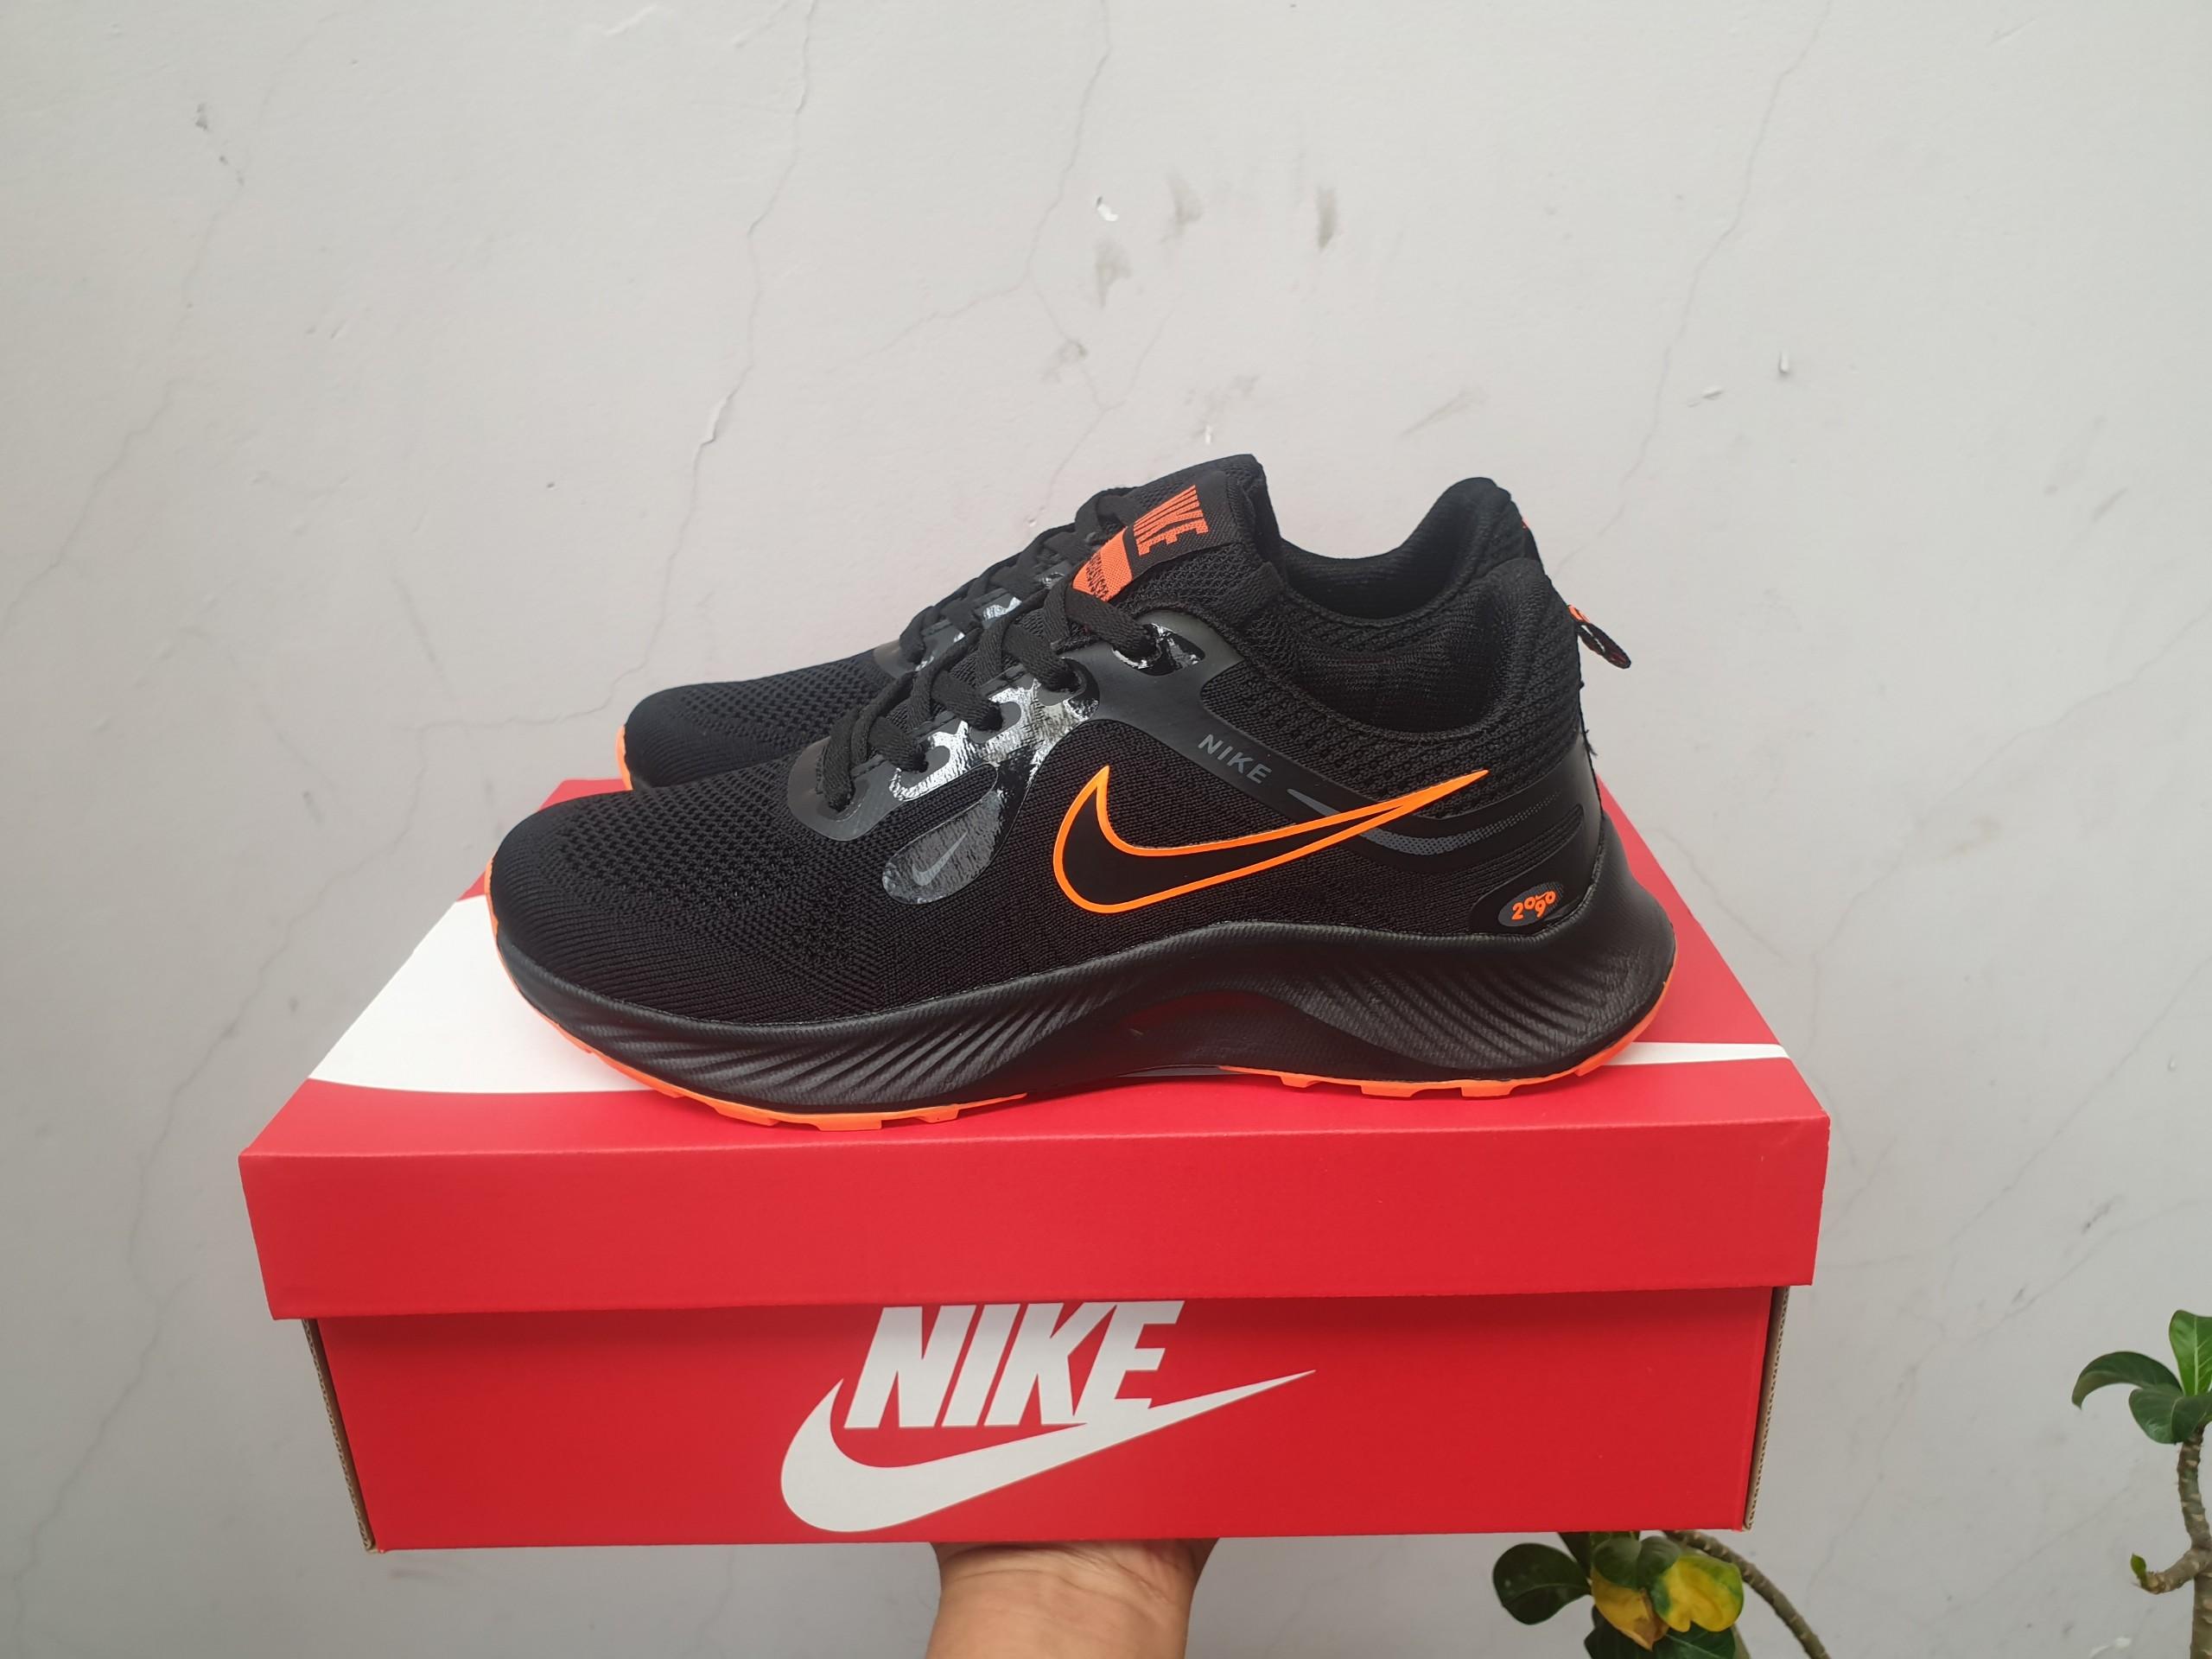 Giày Nike Zoom 03 đen full